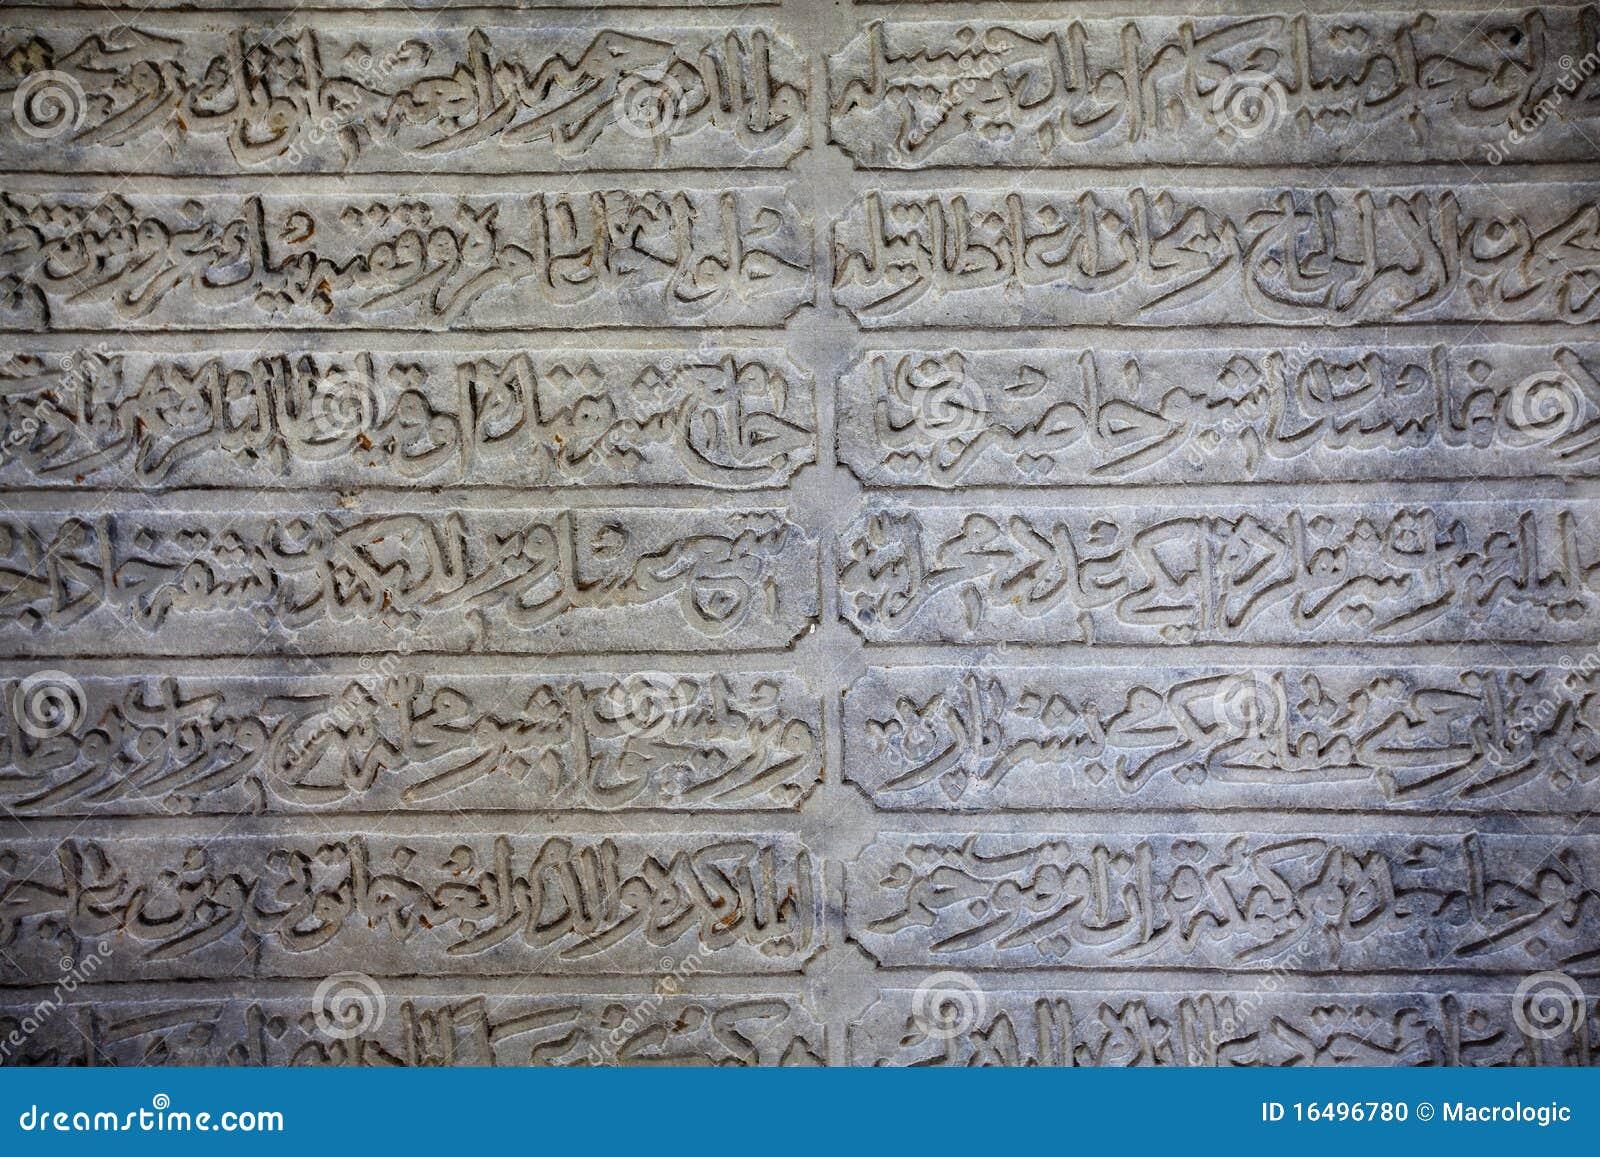 Historische arabische Zeichen